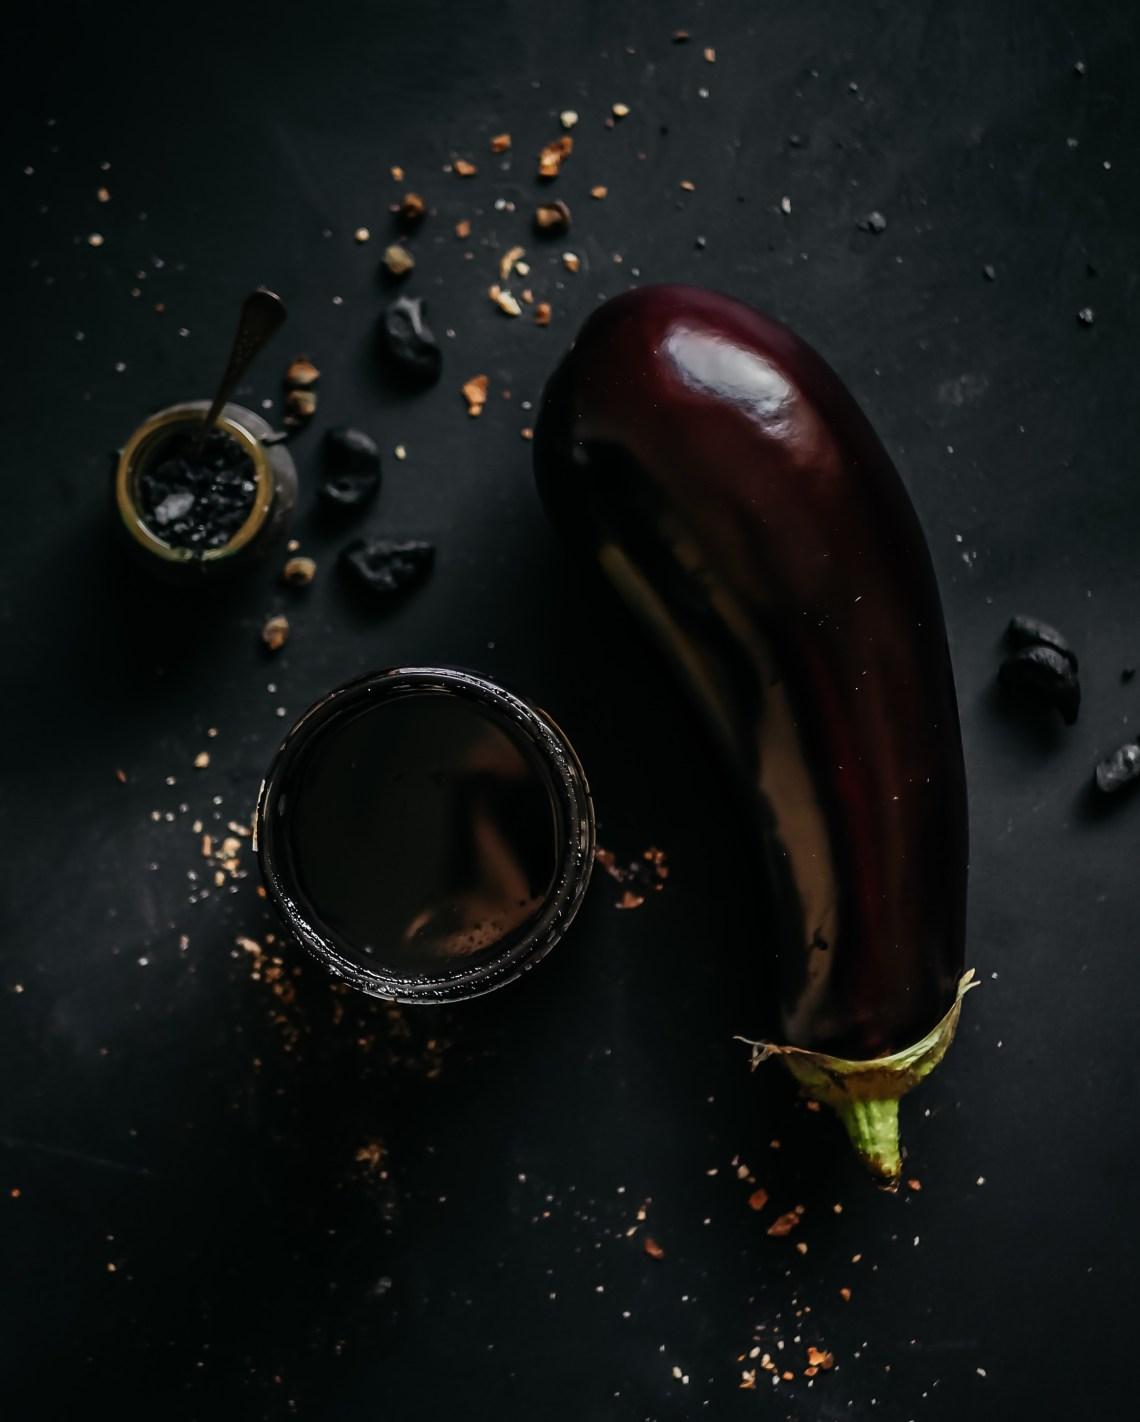 musta valkosipuli